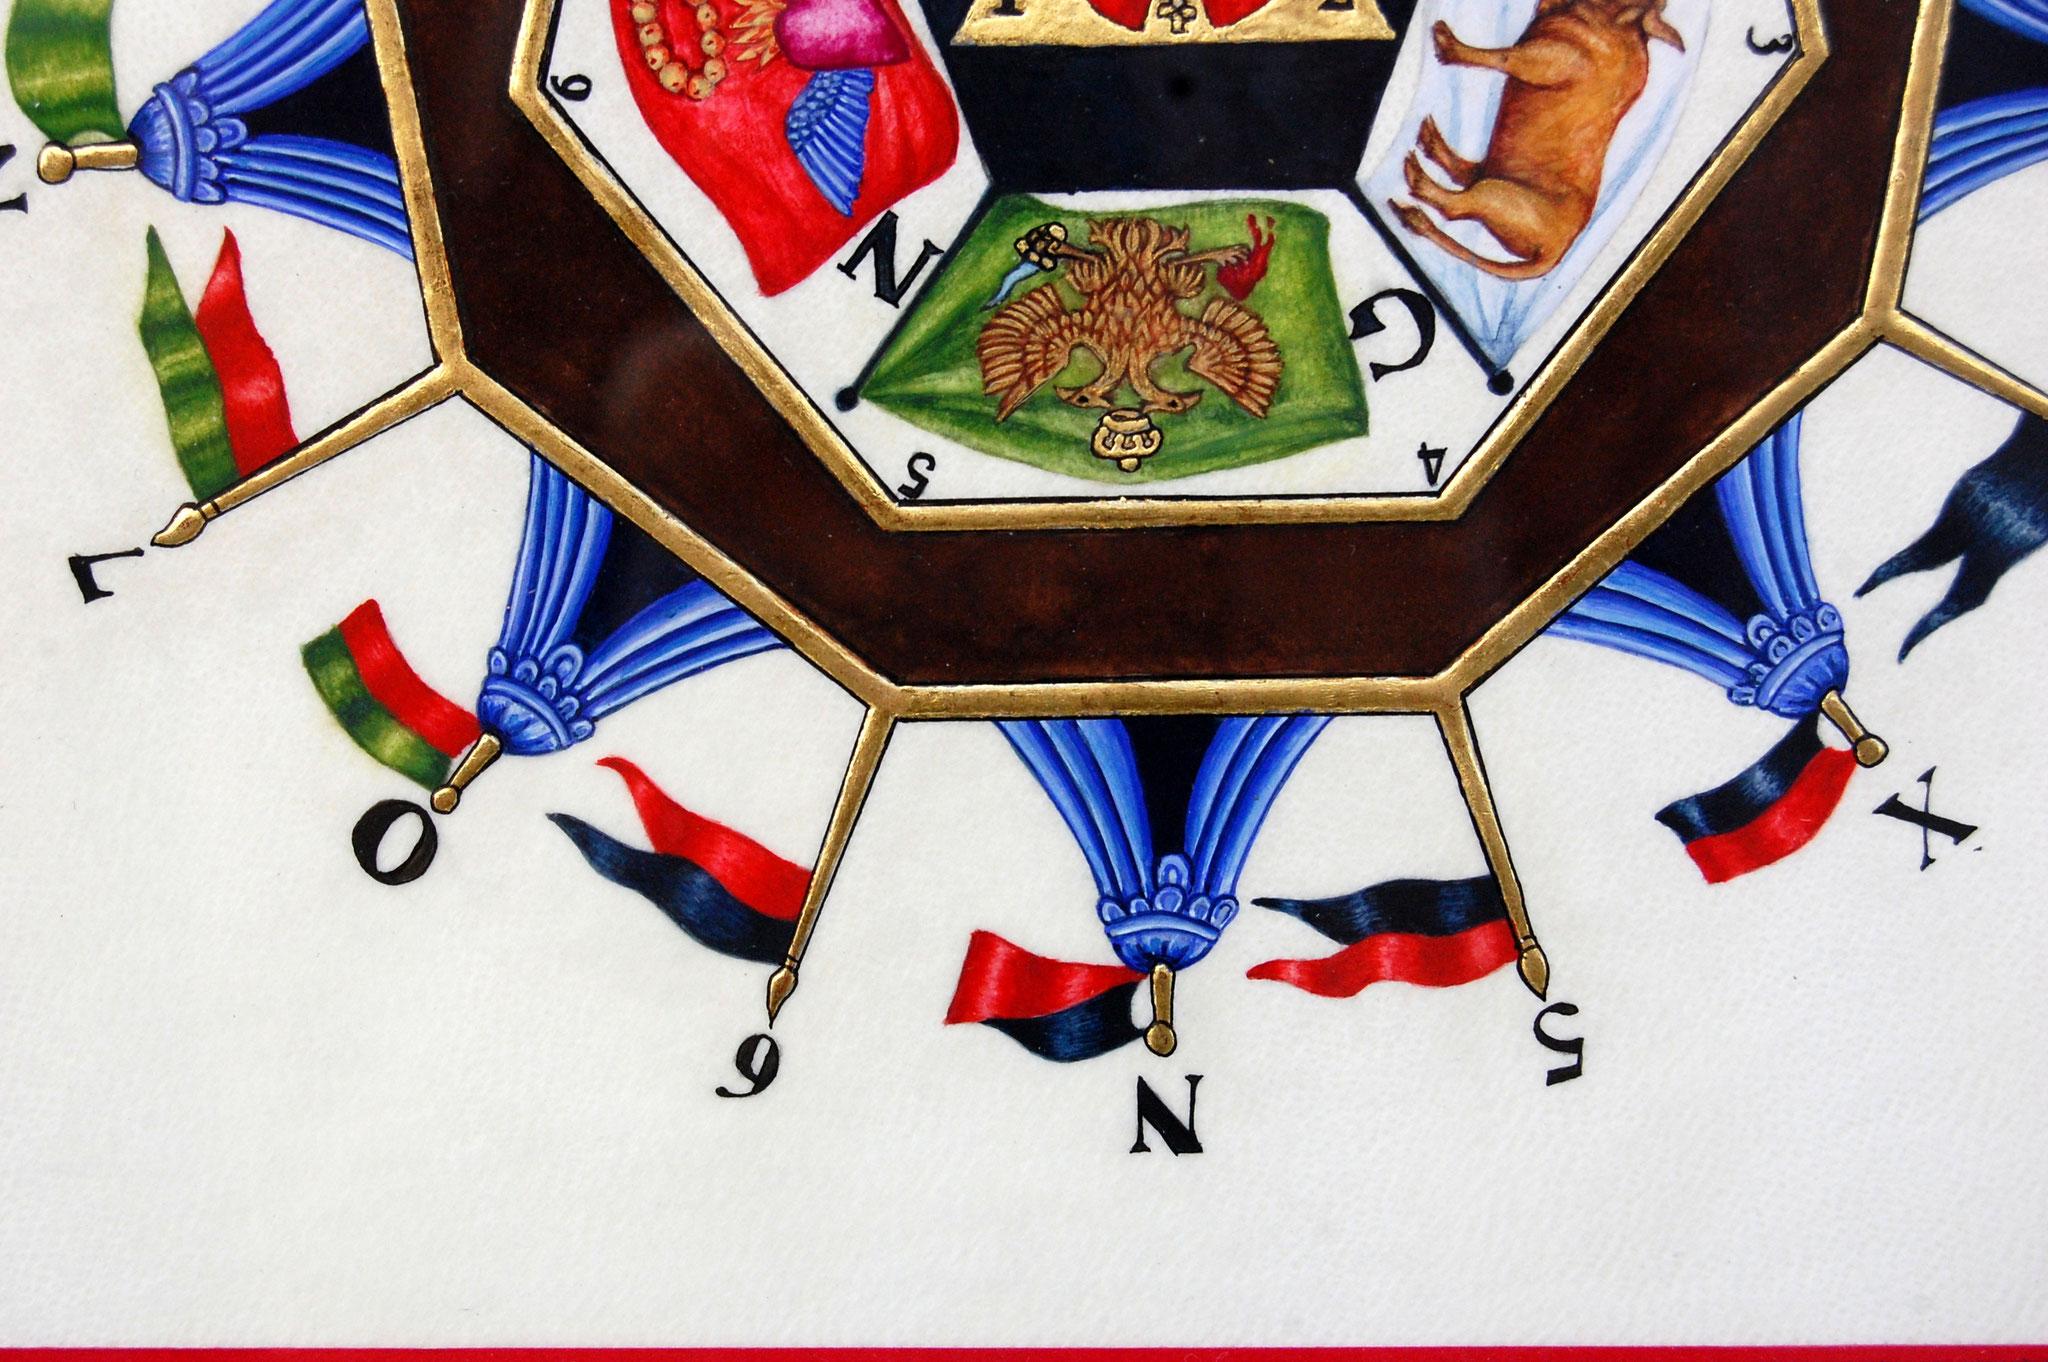 Le sceau du Sublime Prince du Royal Secret réalisé en enluminure par Sandra Clerbois - détail de l'aigle bicéphale